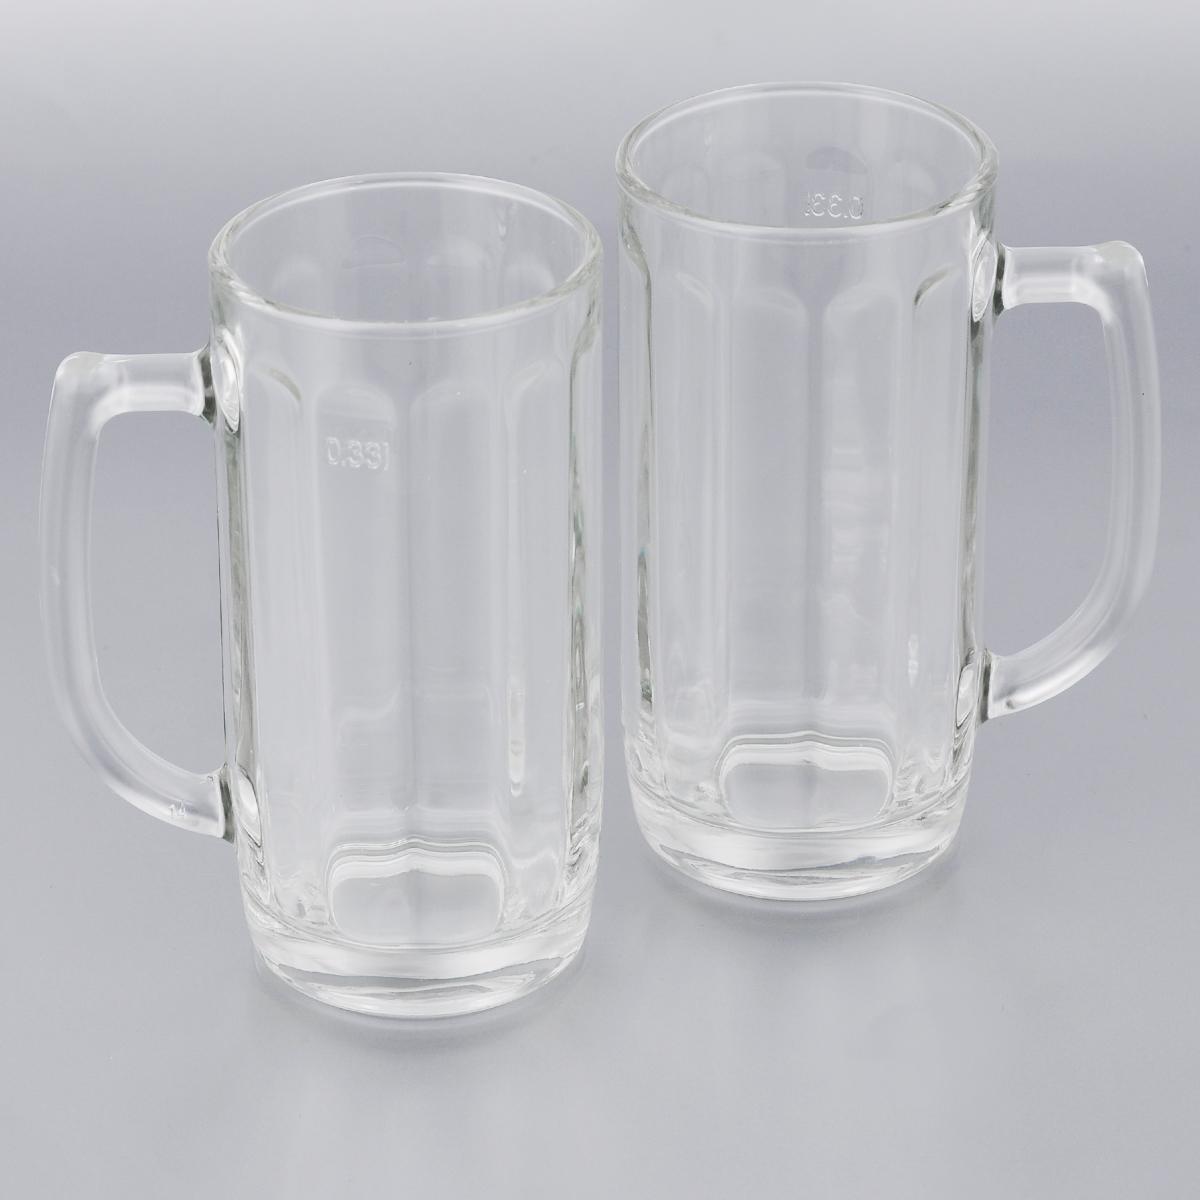 Набор кружек для пива Luminarc Гамбург, 330 мл, 2 штH5126Набор Luminarc Гамбург состоит из двух кружек, выполненных из упрочненного стекла. Кружки предназначены для подачи пива. Они сочетают в себе элегантный дизайн и функциональность. Грани кружек подчеркнут цвет напитка, а толщина стенок поможет сохранить пиво прохладным. Благодаря такому набору кружек пить напитки будет еще приятнее. Набор кружек для пива Luminarc Гамбург идеально подойдет для сервировки стола и станет отличным подарком к любому празднику. Можно мыть в посудомоечной машине. Диаметр кружек: 7 см. Высота кружек: 15 см.